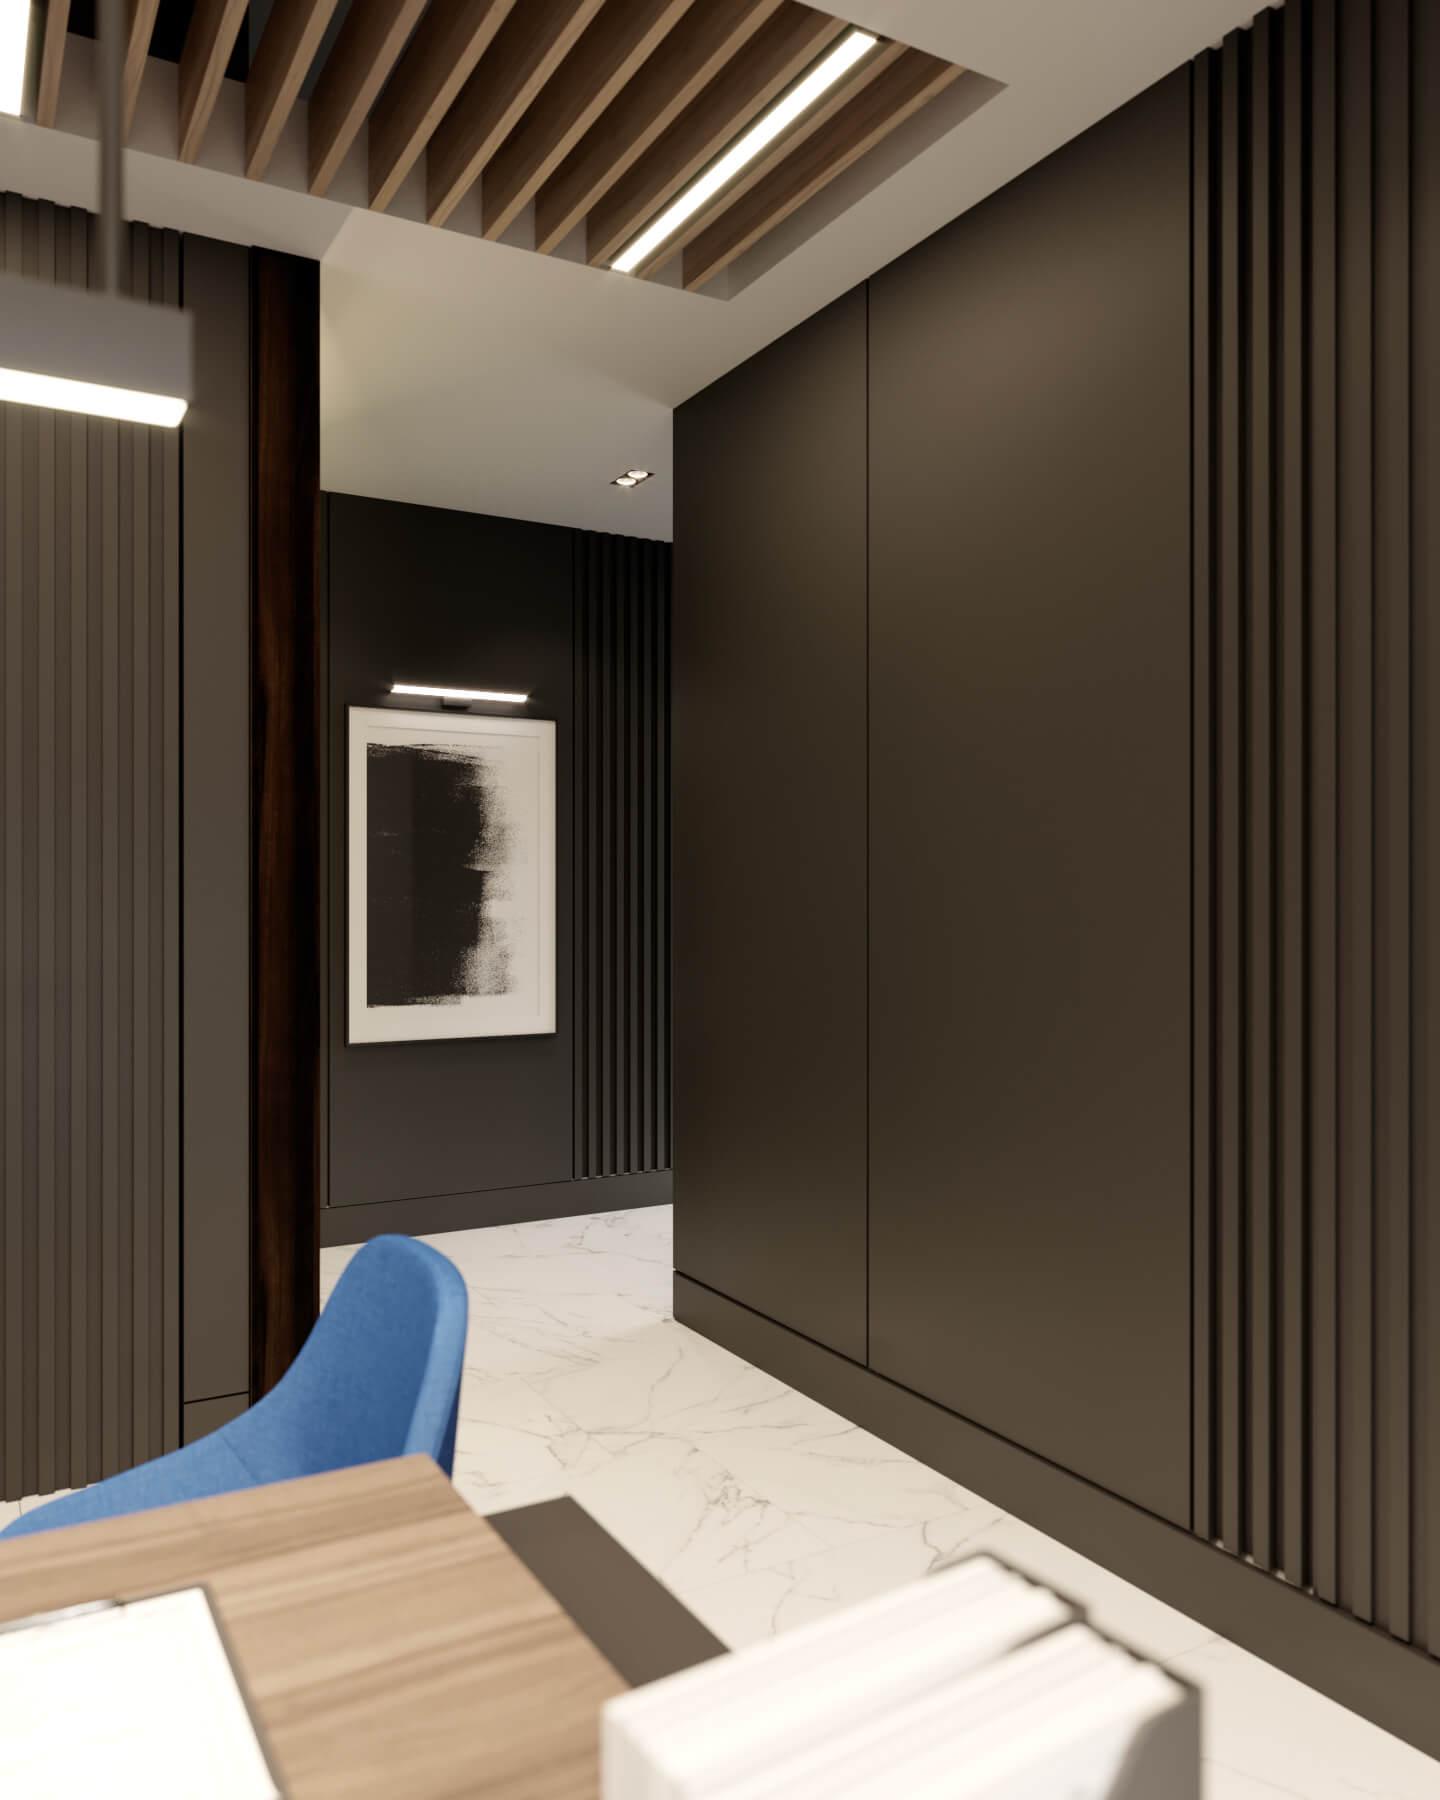 ofis mimari 4108 Altın Hayat Sigorta Ofisler